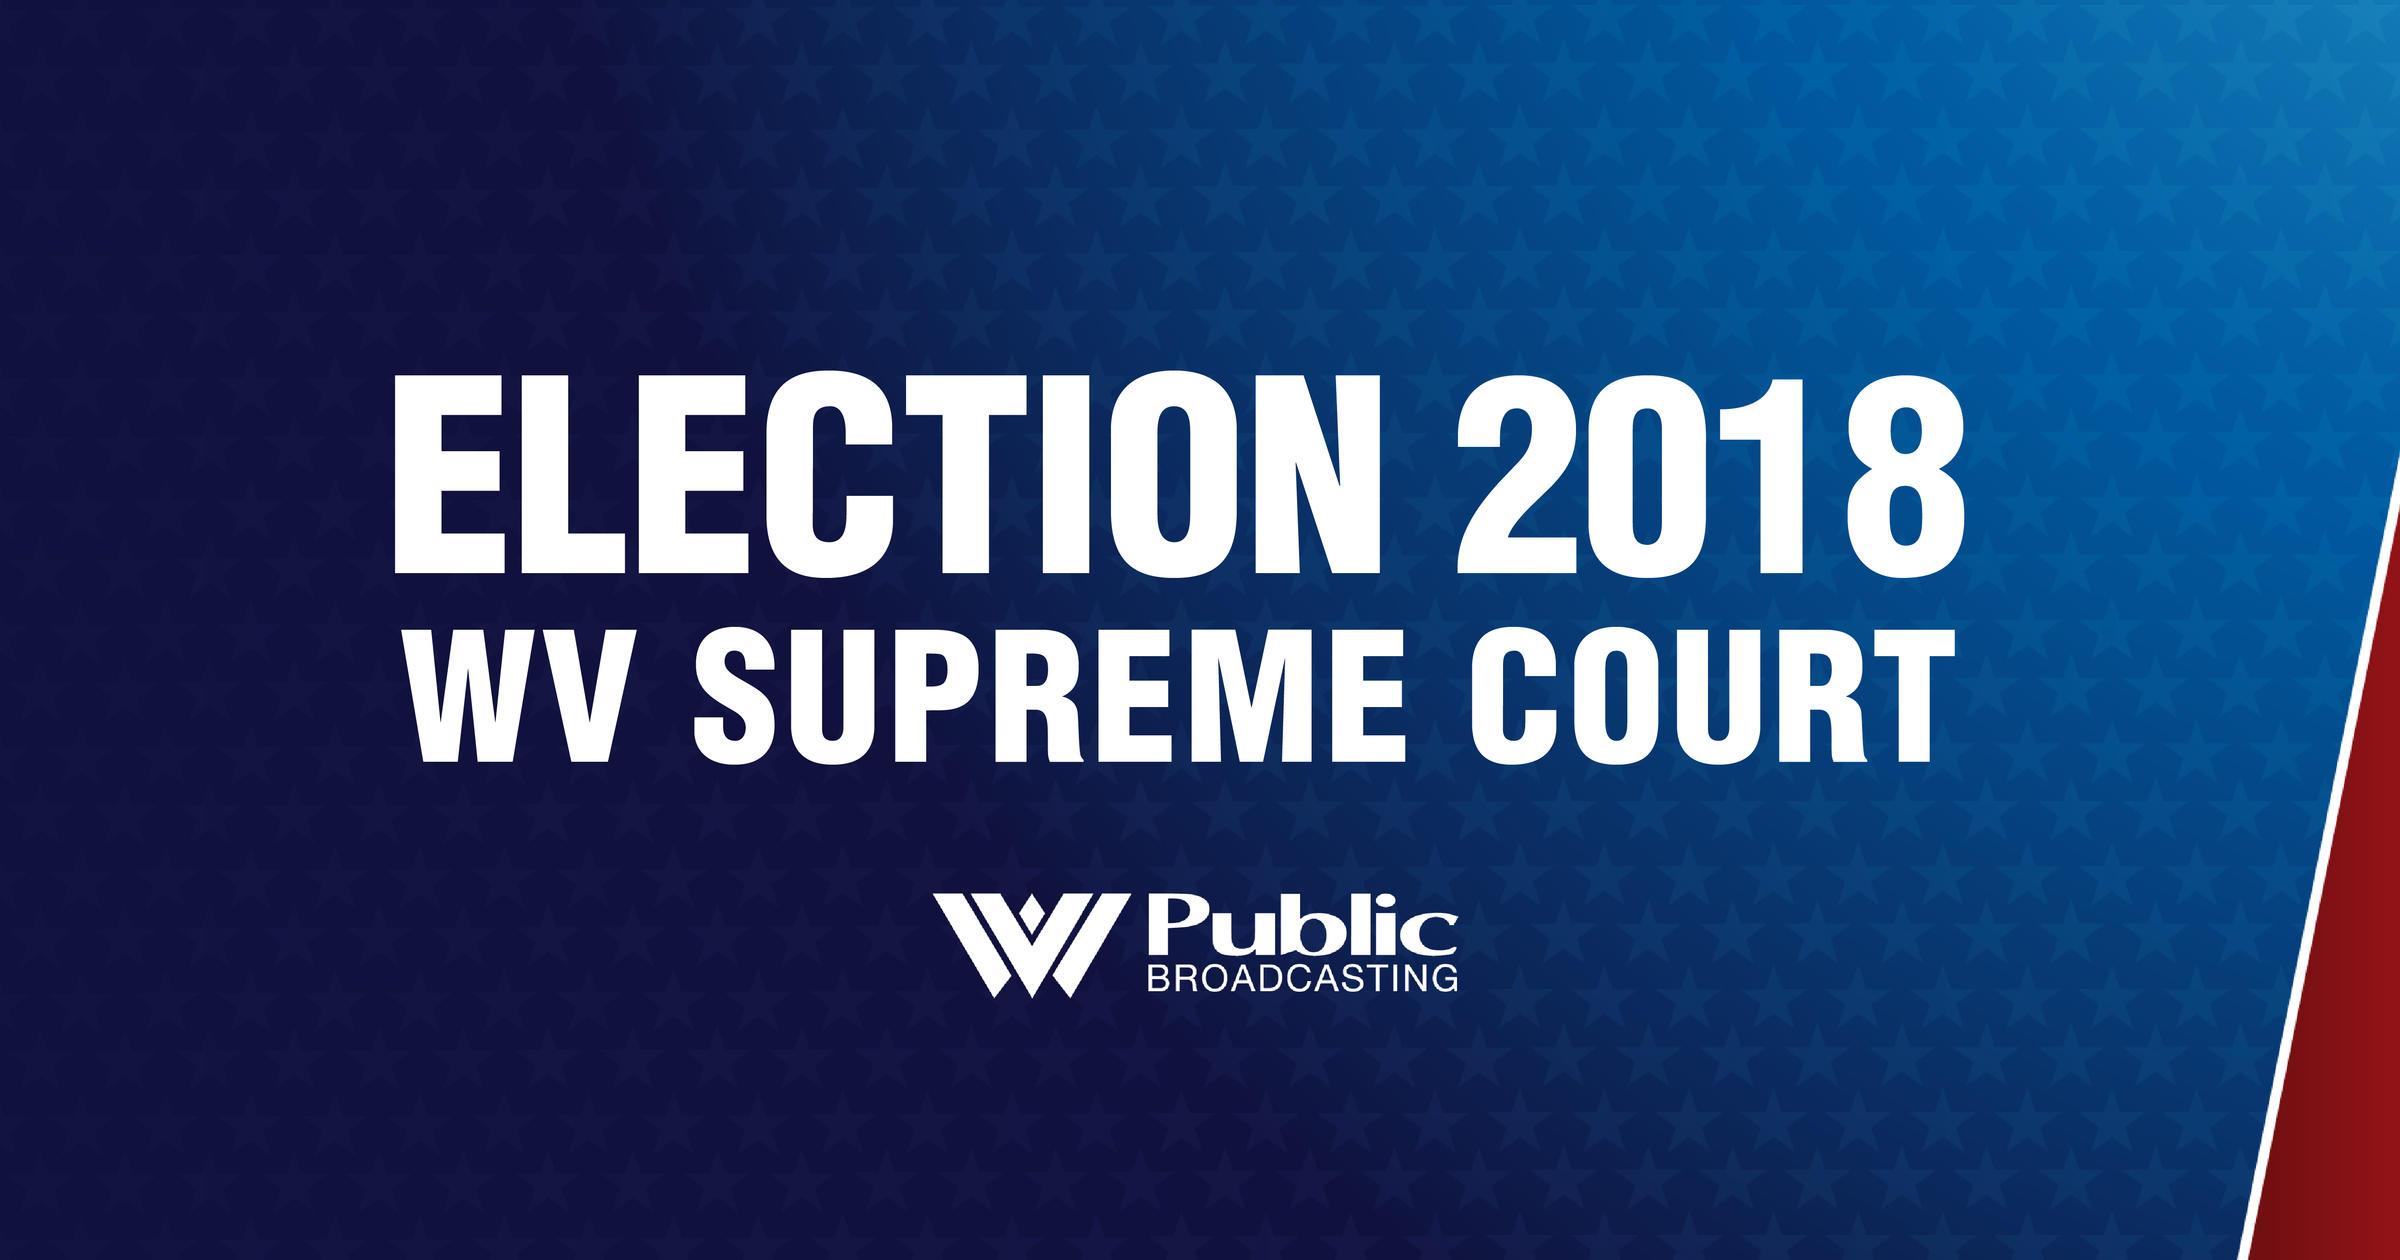 Election 2018: West Virginia Supreme Court   West Virginia Public